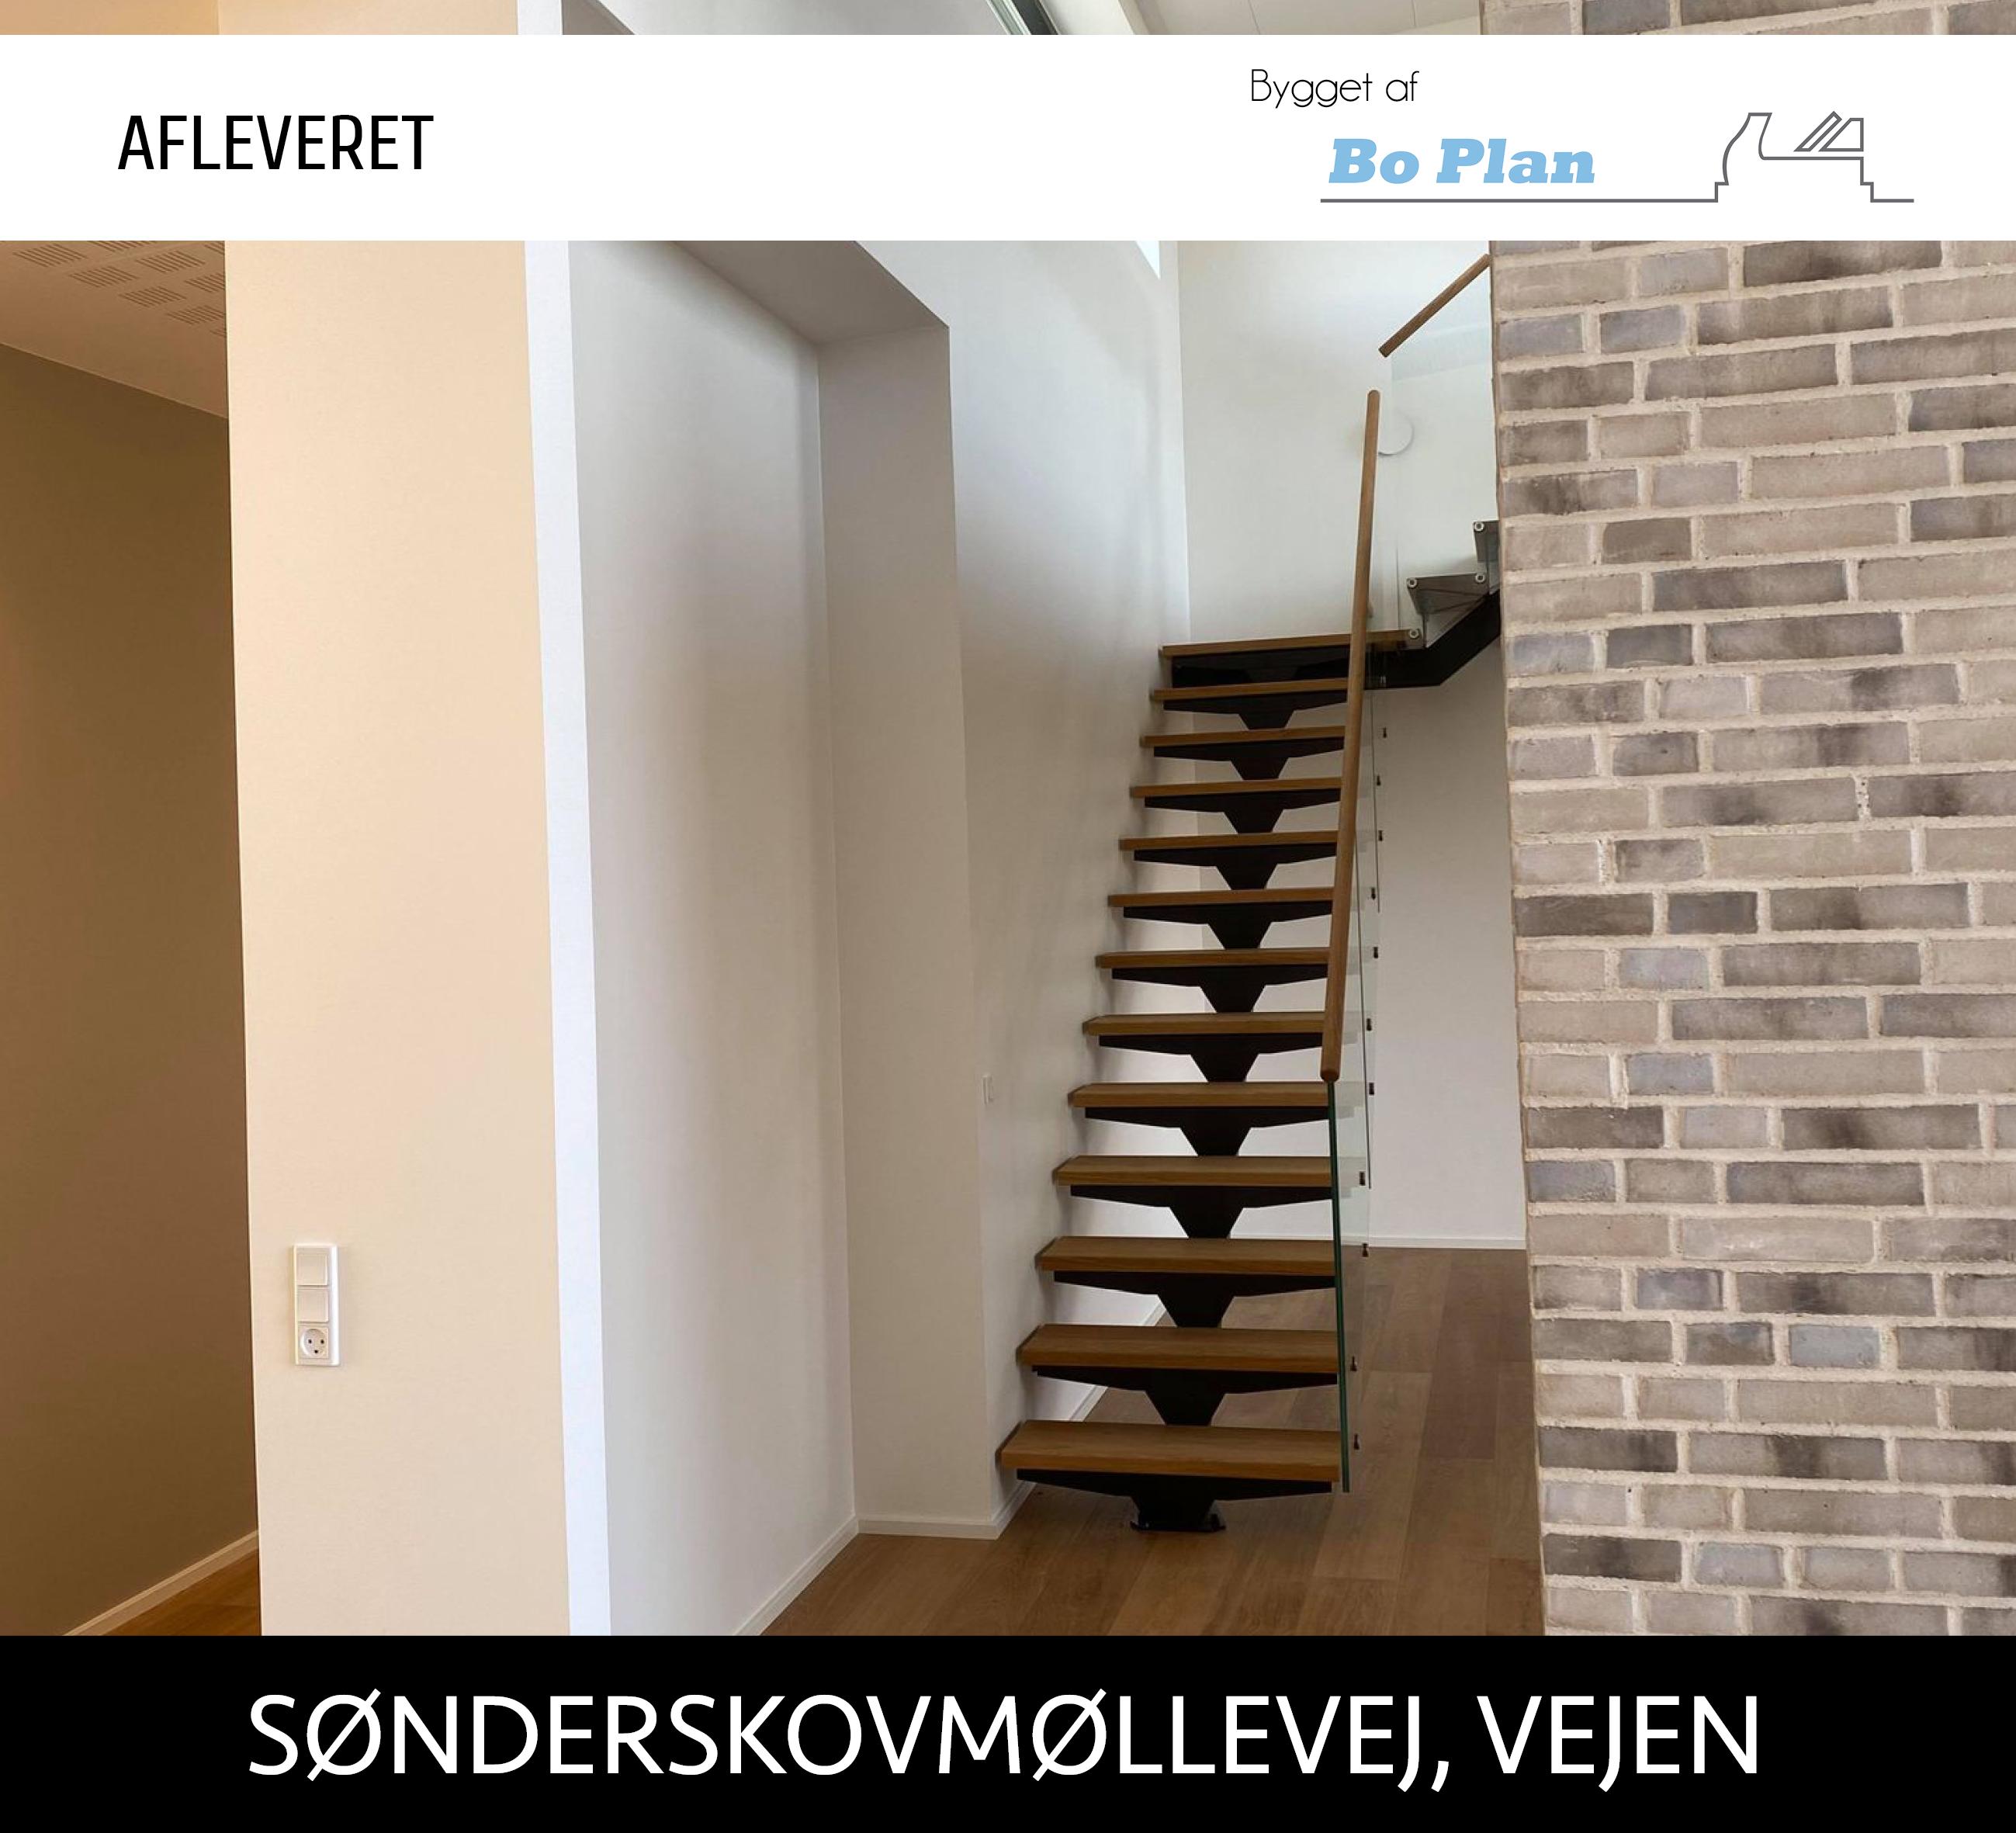 Sønderskovmøllevej,Vejen_afleveret9